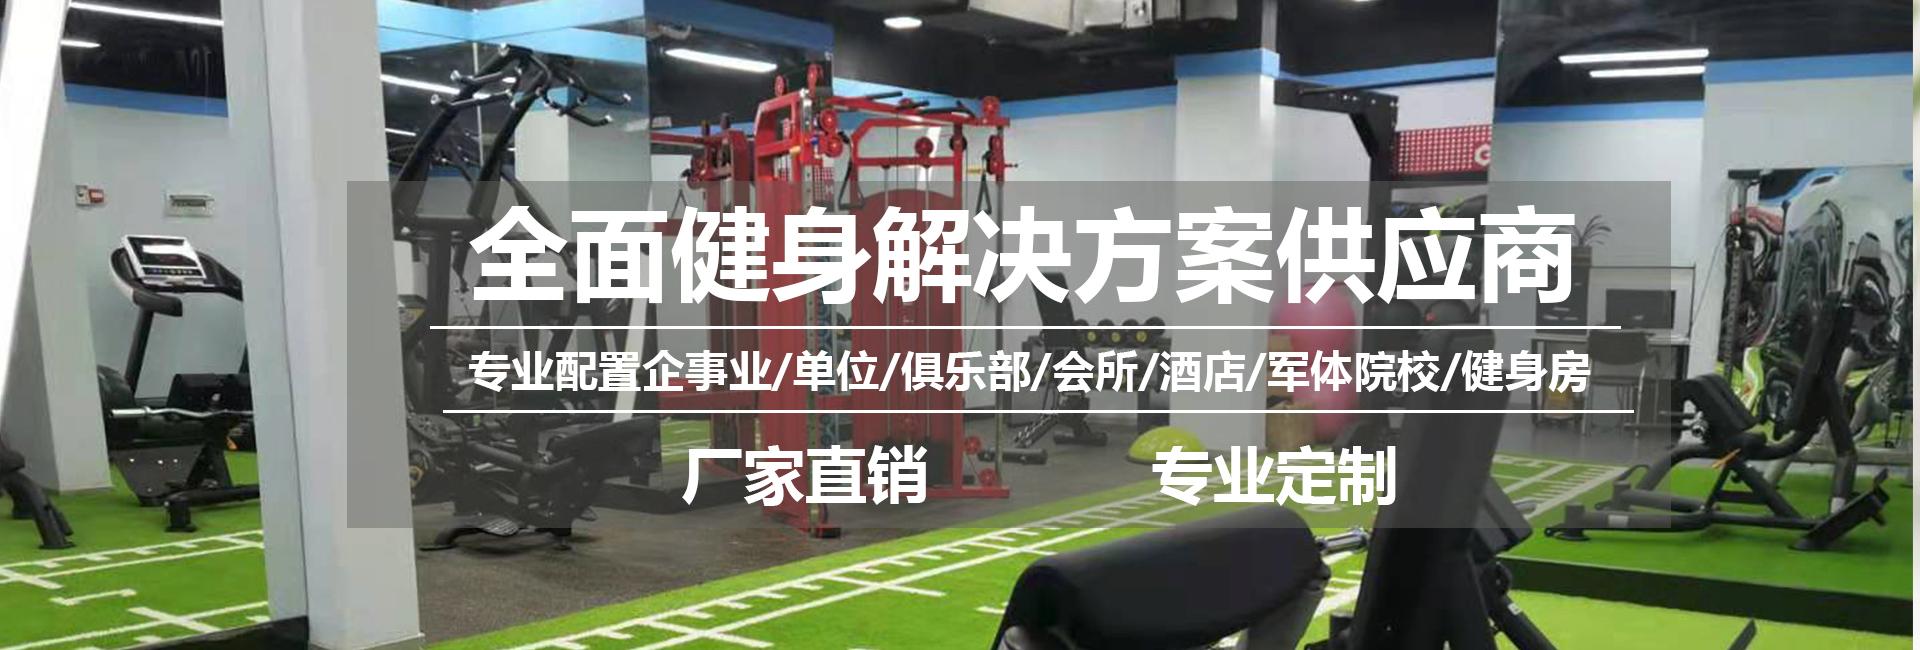 重慶健身器材